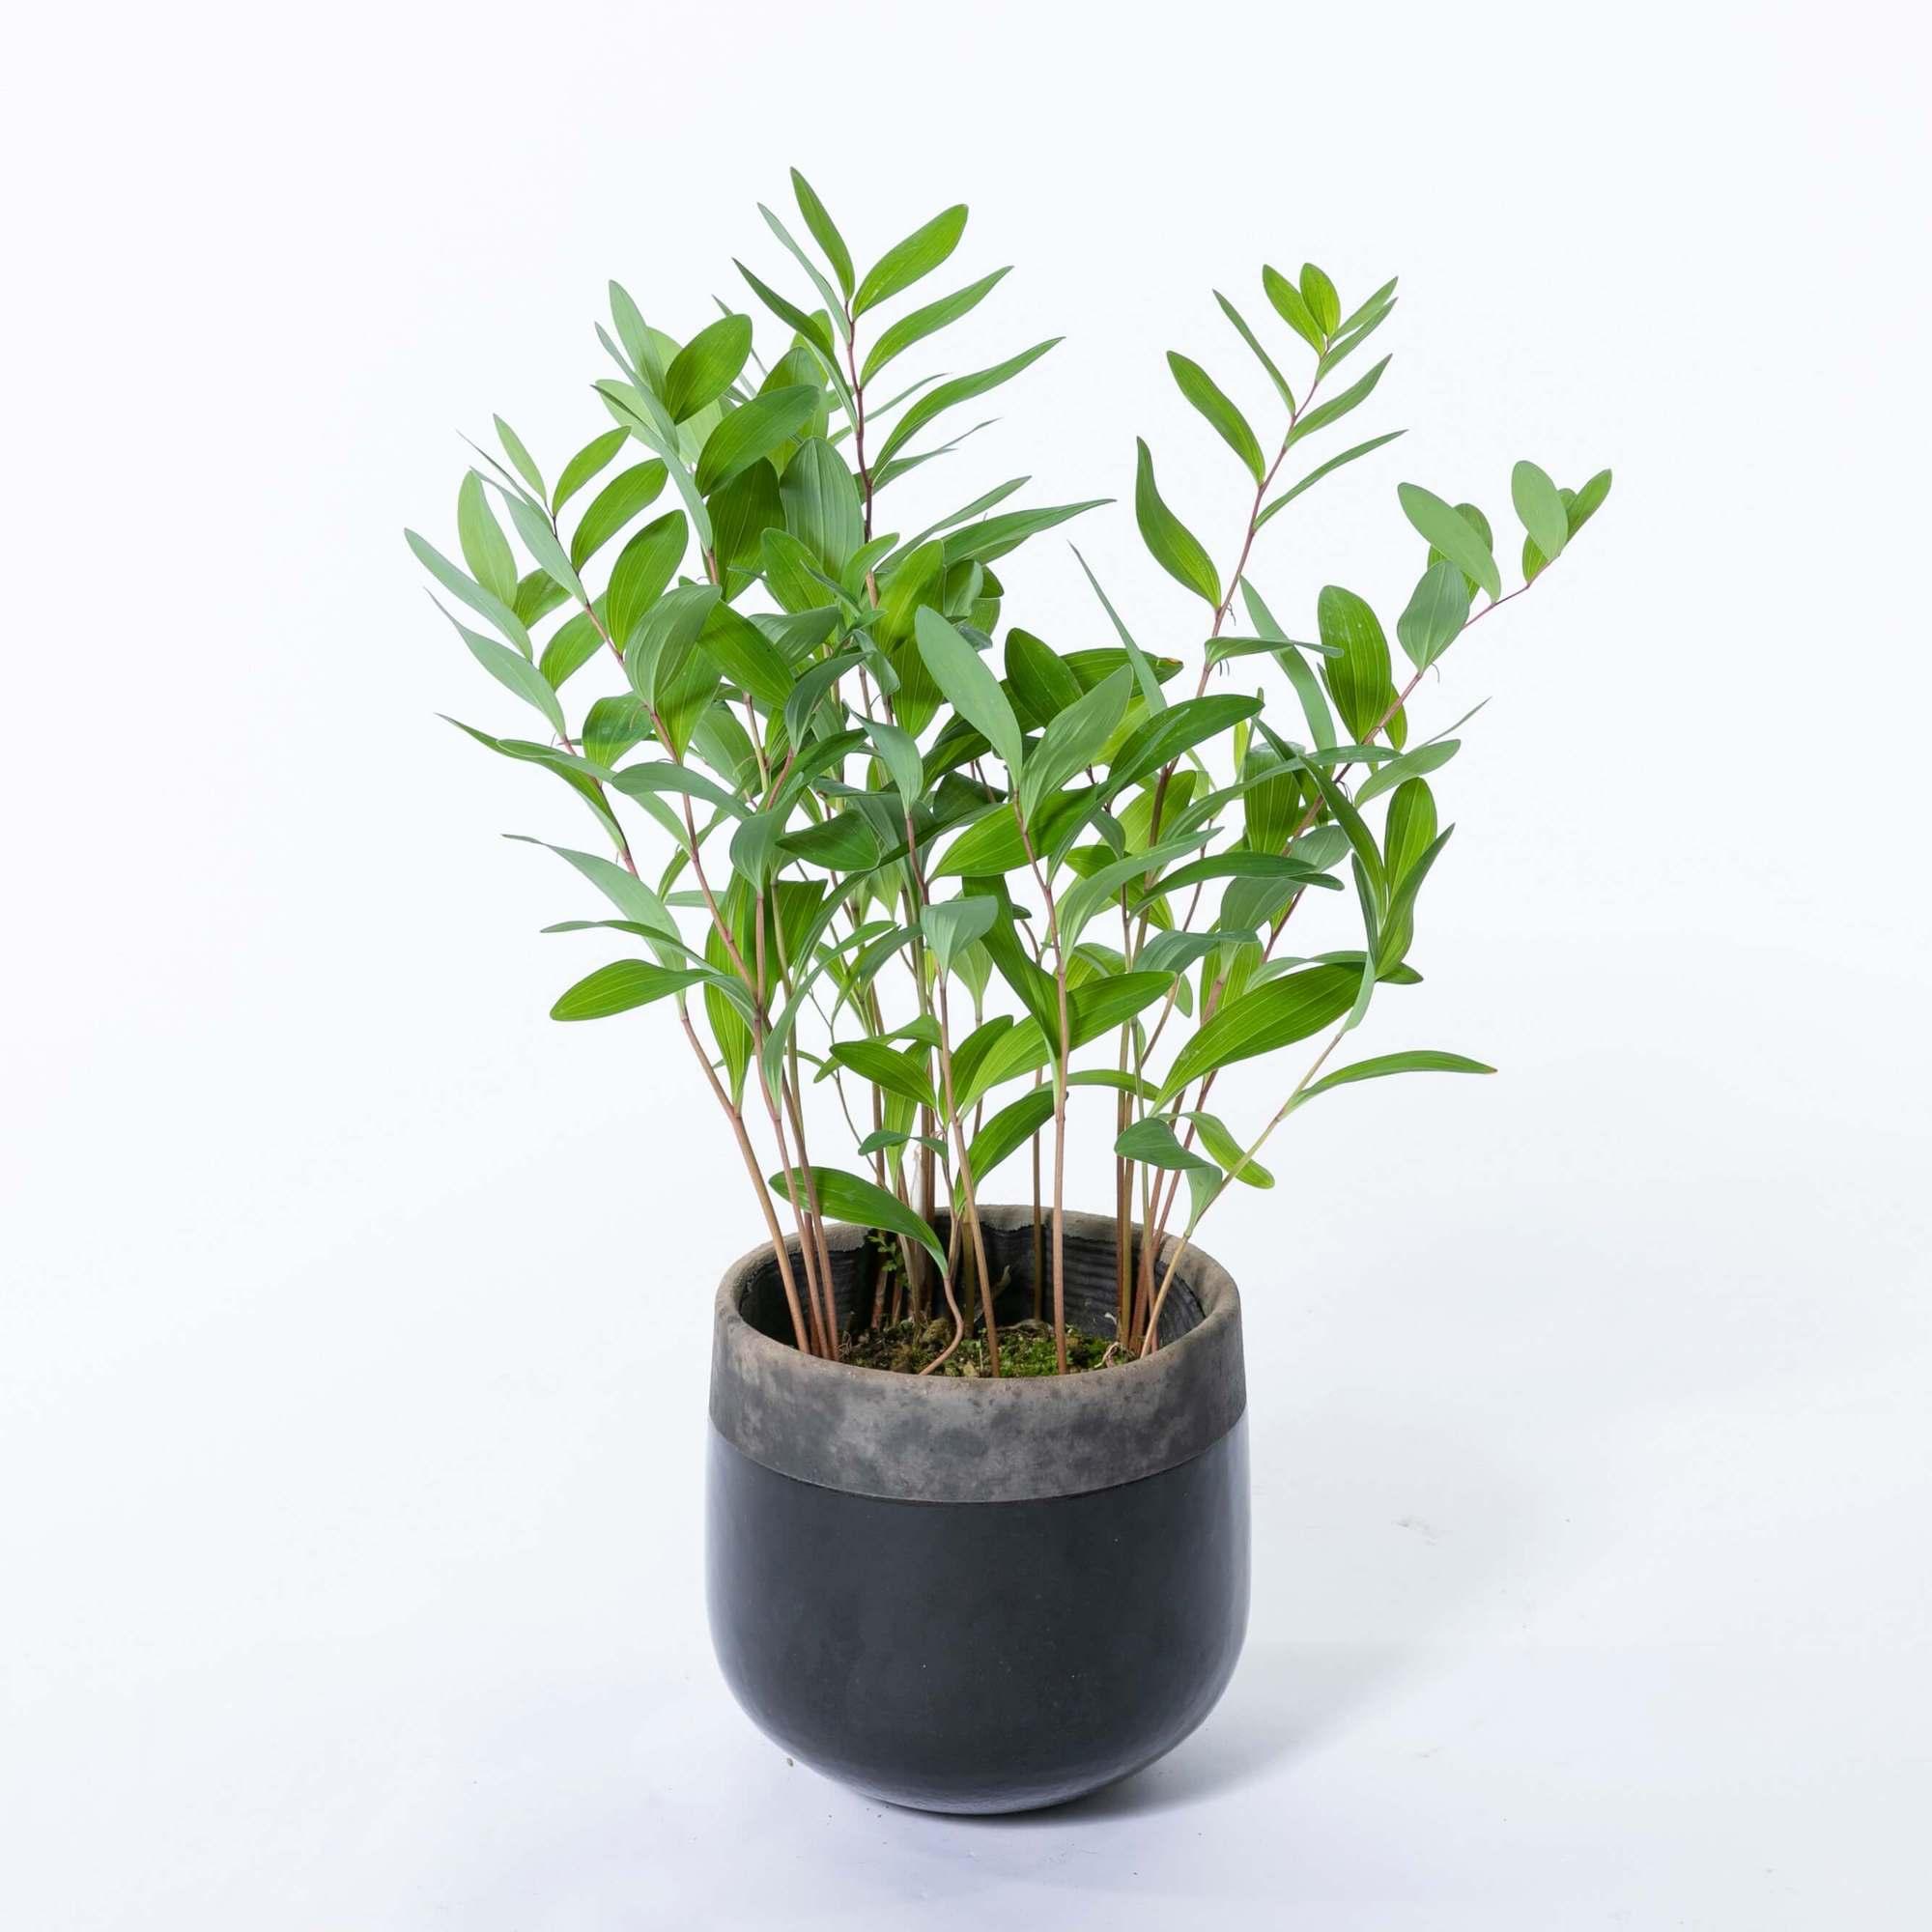 アマドコロ 落葉性多年草 ナルコラン 植栽 下草